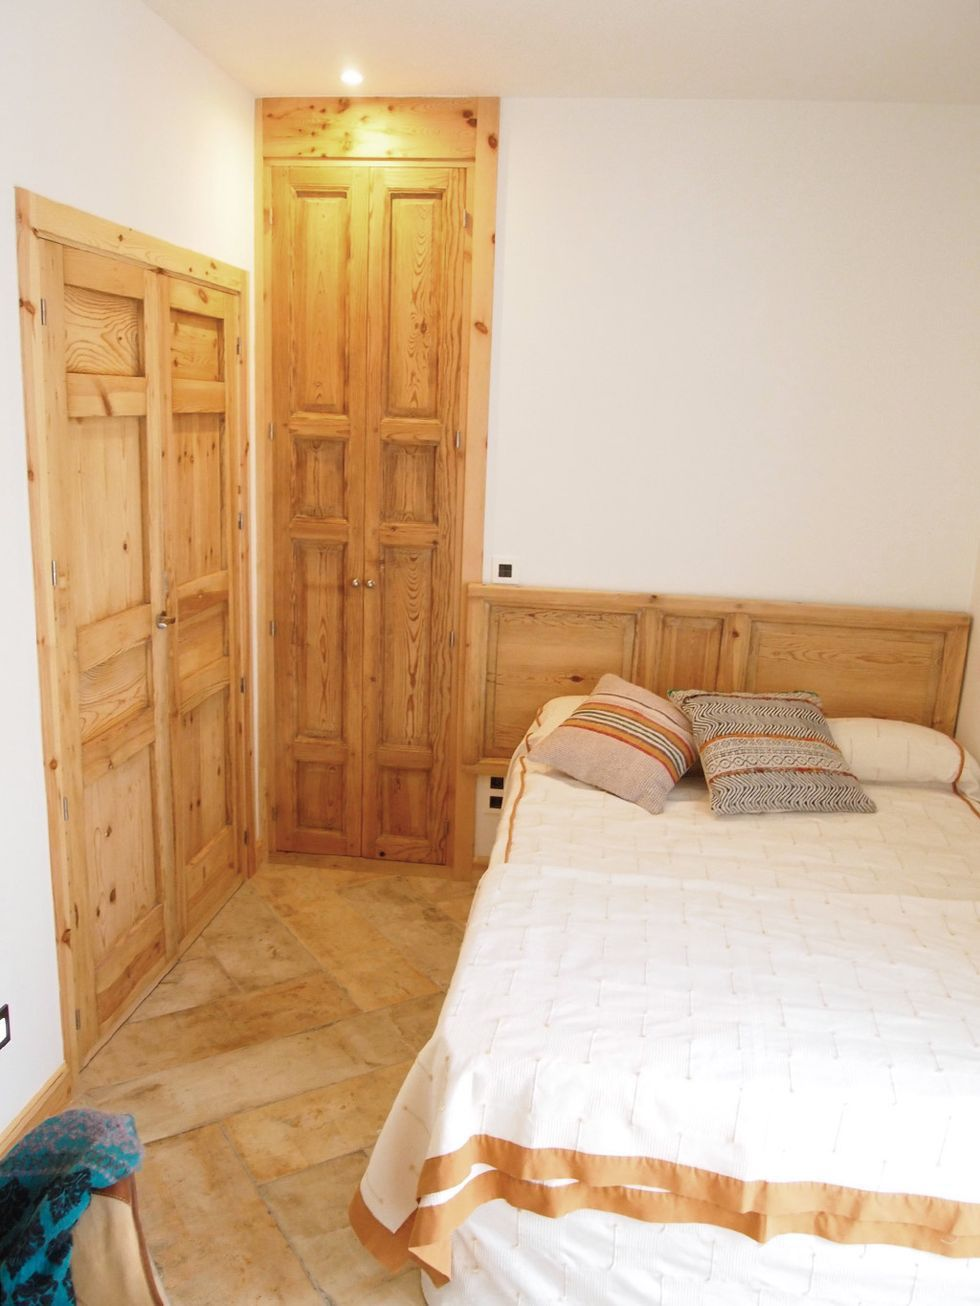 Dormitorio de estilo vintage con puerta recuperada como cabecero de cama